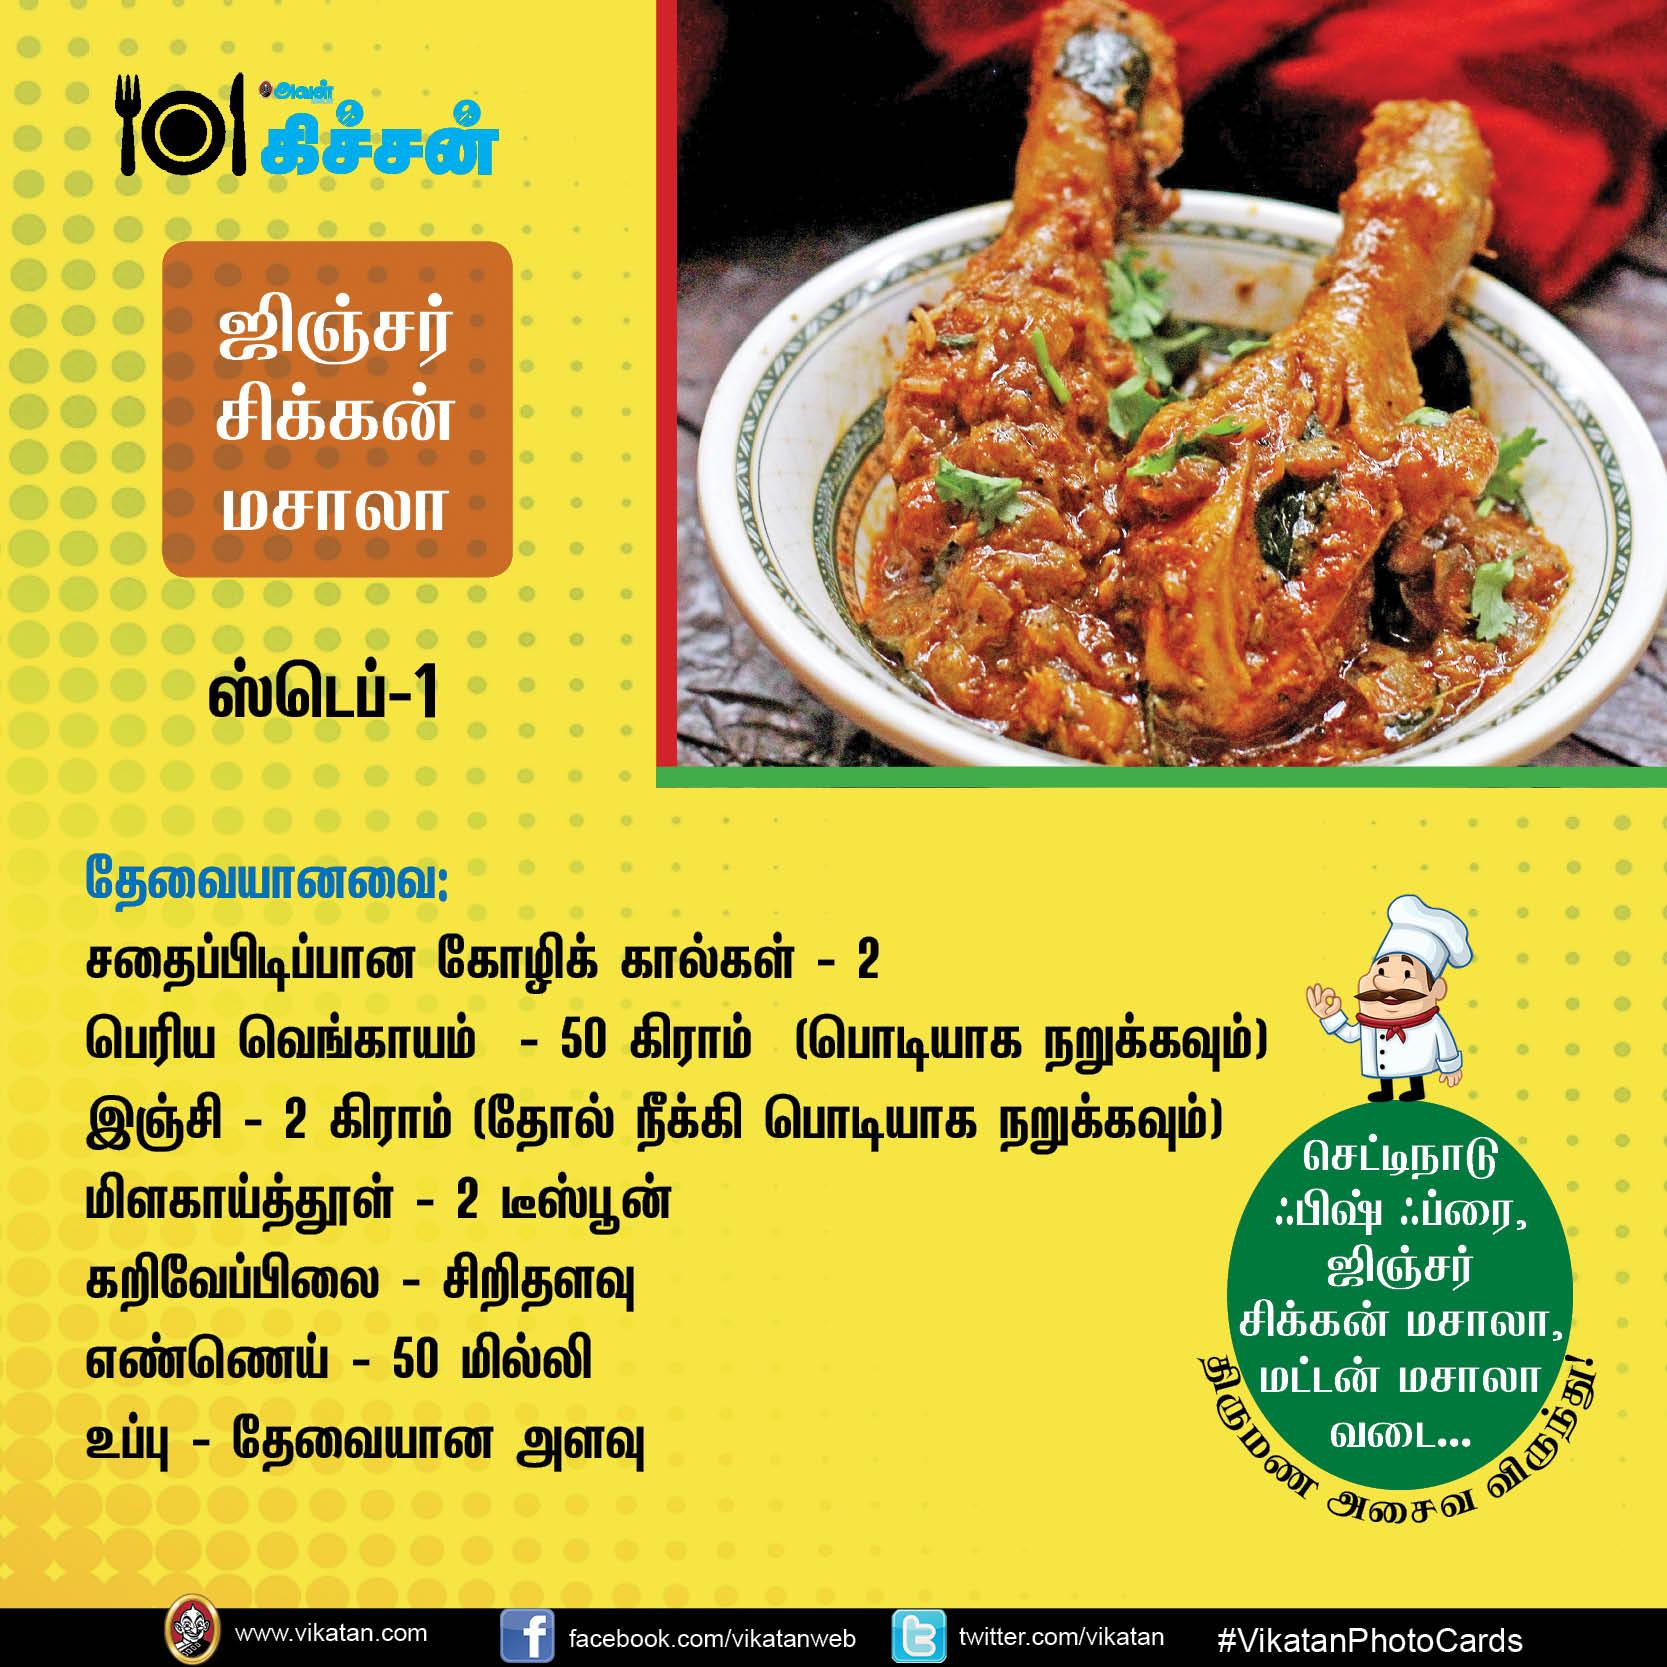 செட்டிநாடு ஃபிஷ் ஃப்ரை,  ஜிஞ்சர் சிக்கன் மசாலா,  மட்டன் மசாலா வடை... திருமண அசைவ விருந்து!#VikatanPhotoCards